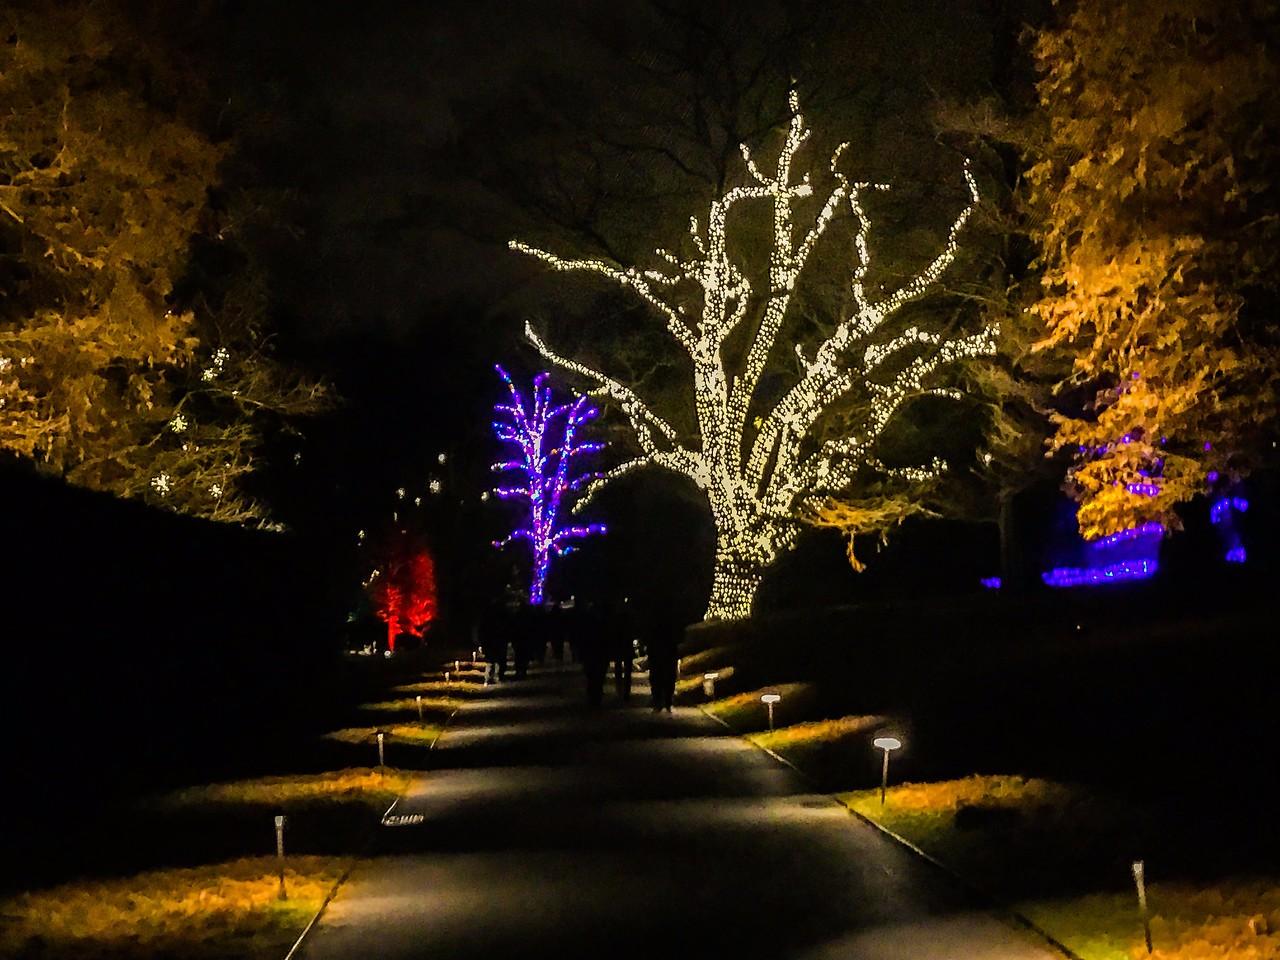 费城长木公园,夜幕下的灿烂_图1-10